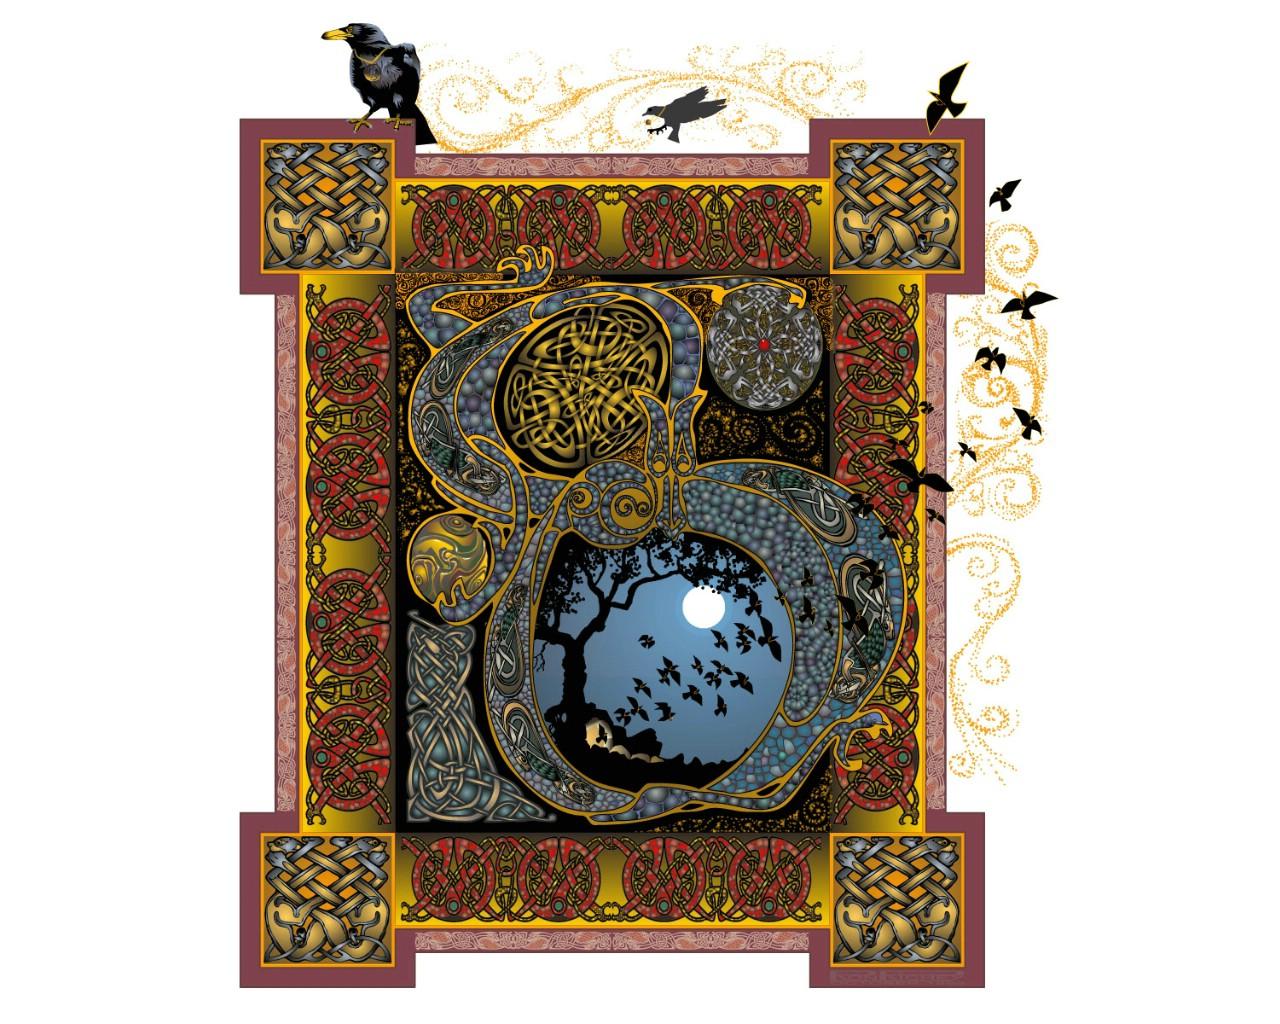 壁纸1280×1024矢量精品欣赏 1 10壁纸 矢量其他 矢量精品欣赏 第一辑壁纸图片矢量壁纸矢量图片素材桌面壁纸